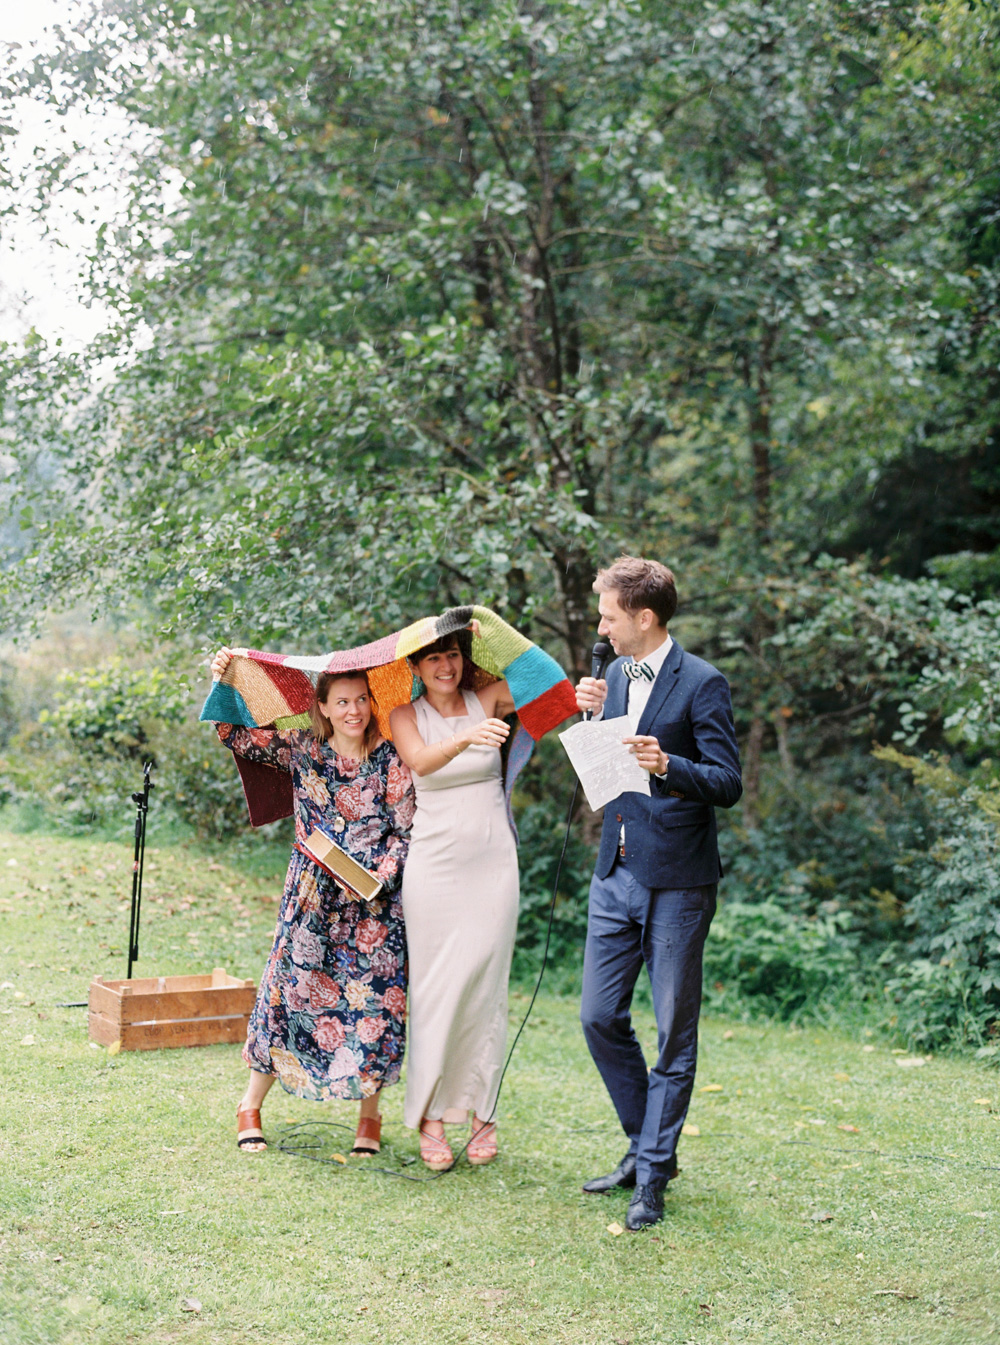 camp sol wedding weekend - wesley nulens-88.jpg